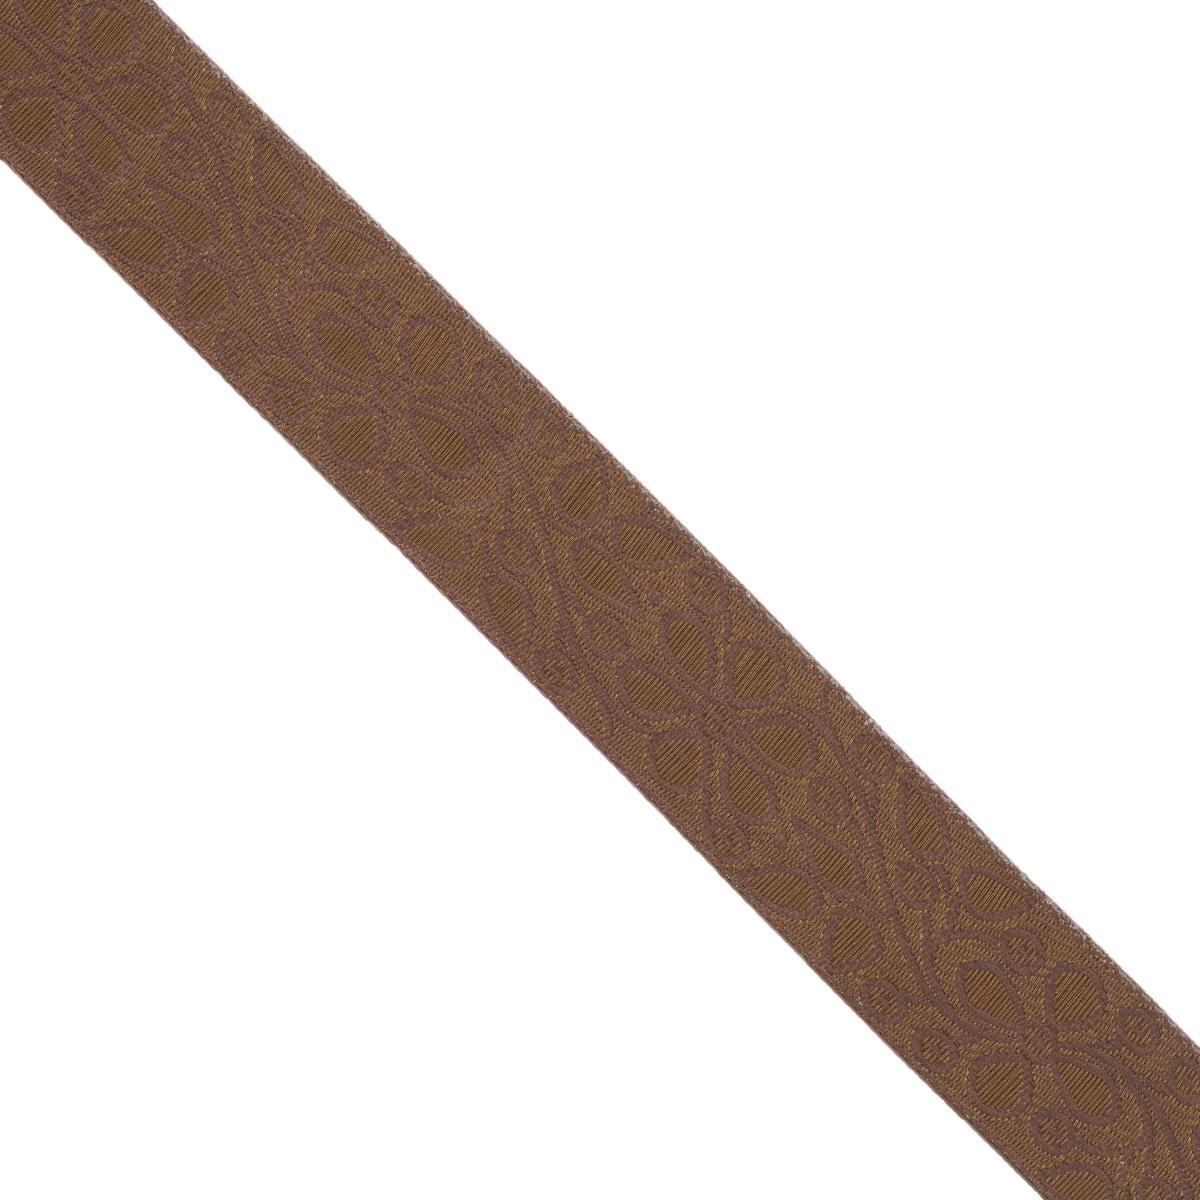 Тесьма декоративная Астра, цвет: коричневый (158/158D), ширина 3 см, длина 9 м. 77034497703449_158/158DДекоративная тесьма Астра выполнена из текстиля и оформлена оригинальным орнаментом. Такая тесьма идеально подойдет для оформления различных творческих работ таких, как скрапбукинг, аппликация, декор коробок и открыток и многое другое. Тесьма наивысшего качества и практична в использовании. Она станет незаменимым элементом в создании рукотворного шедевра. Ширина: 3 см. Длина: 9 м.